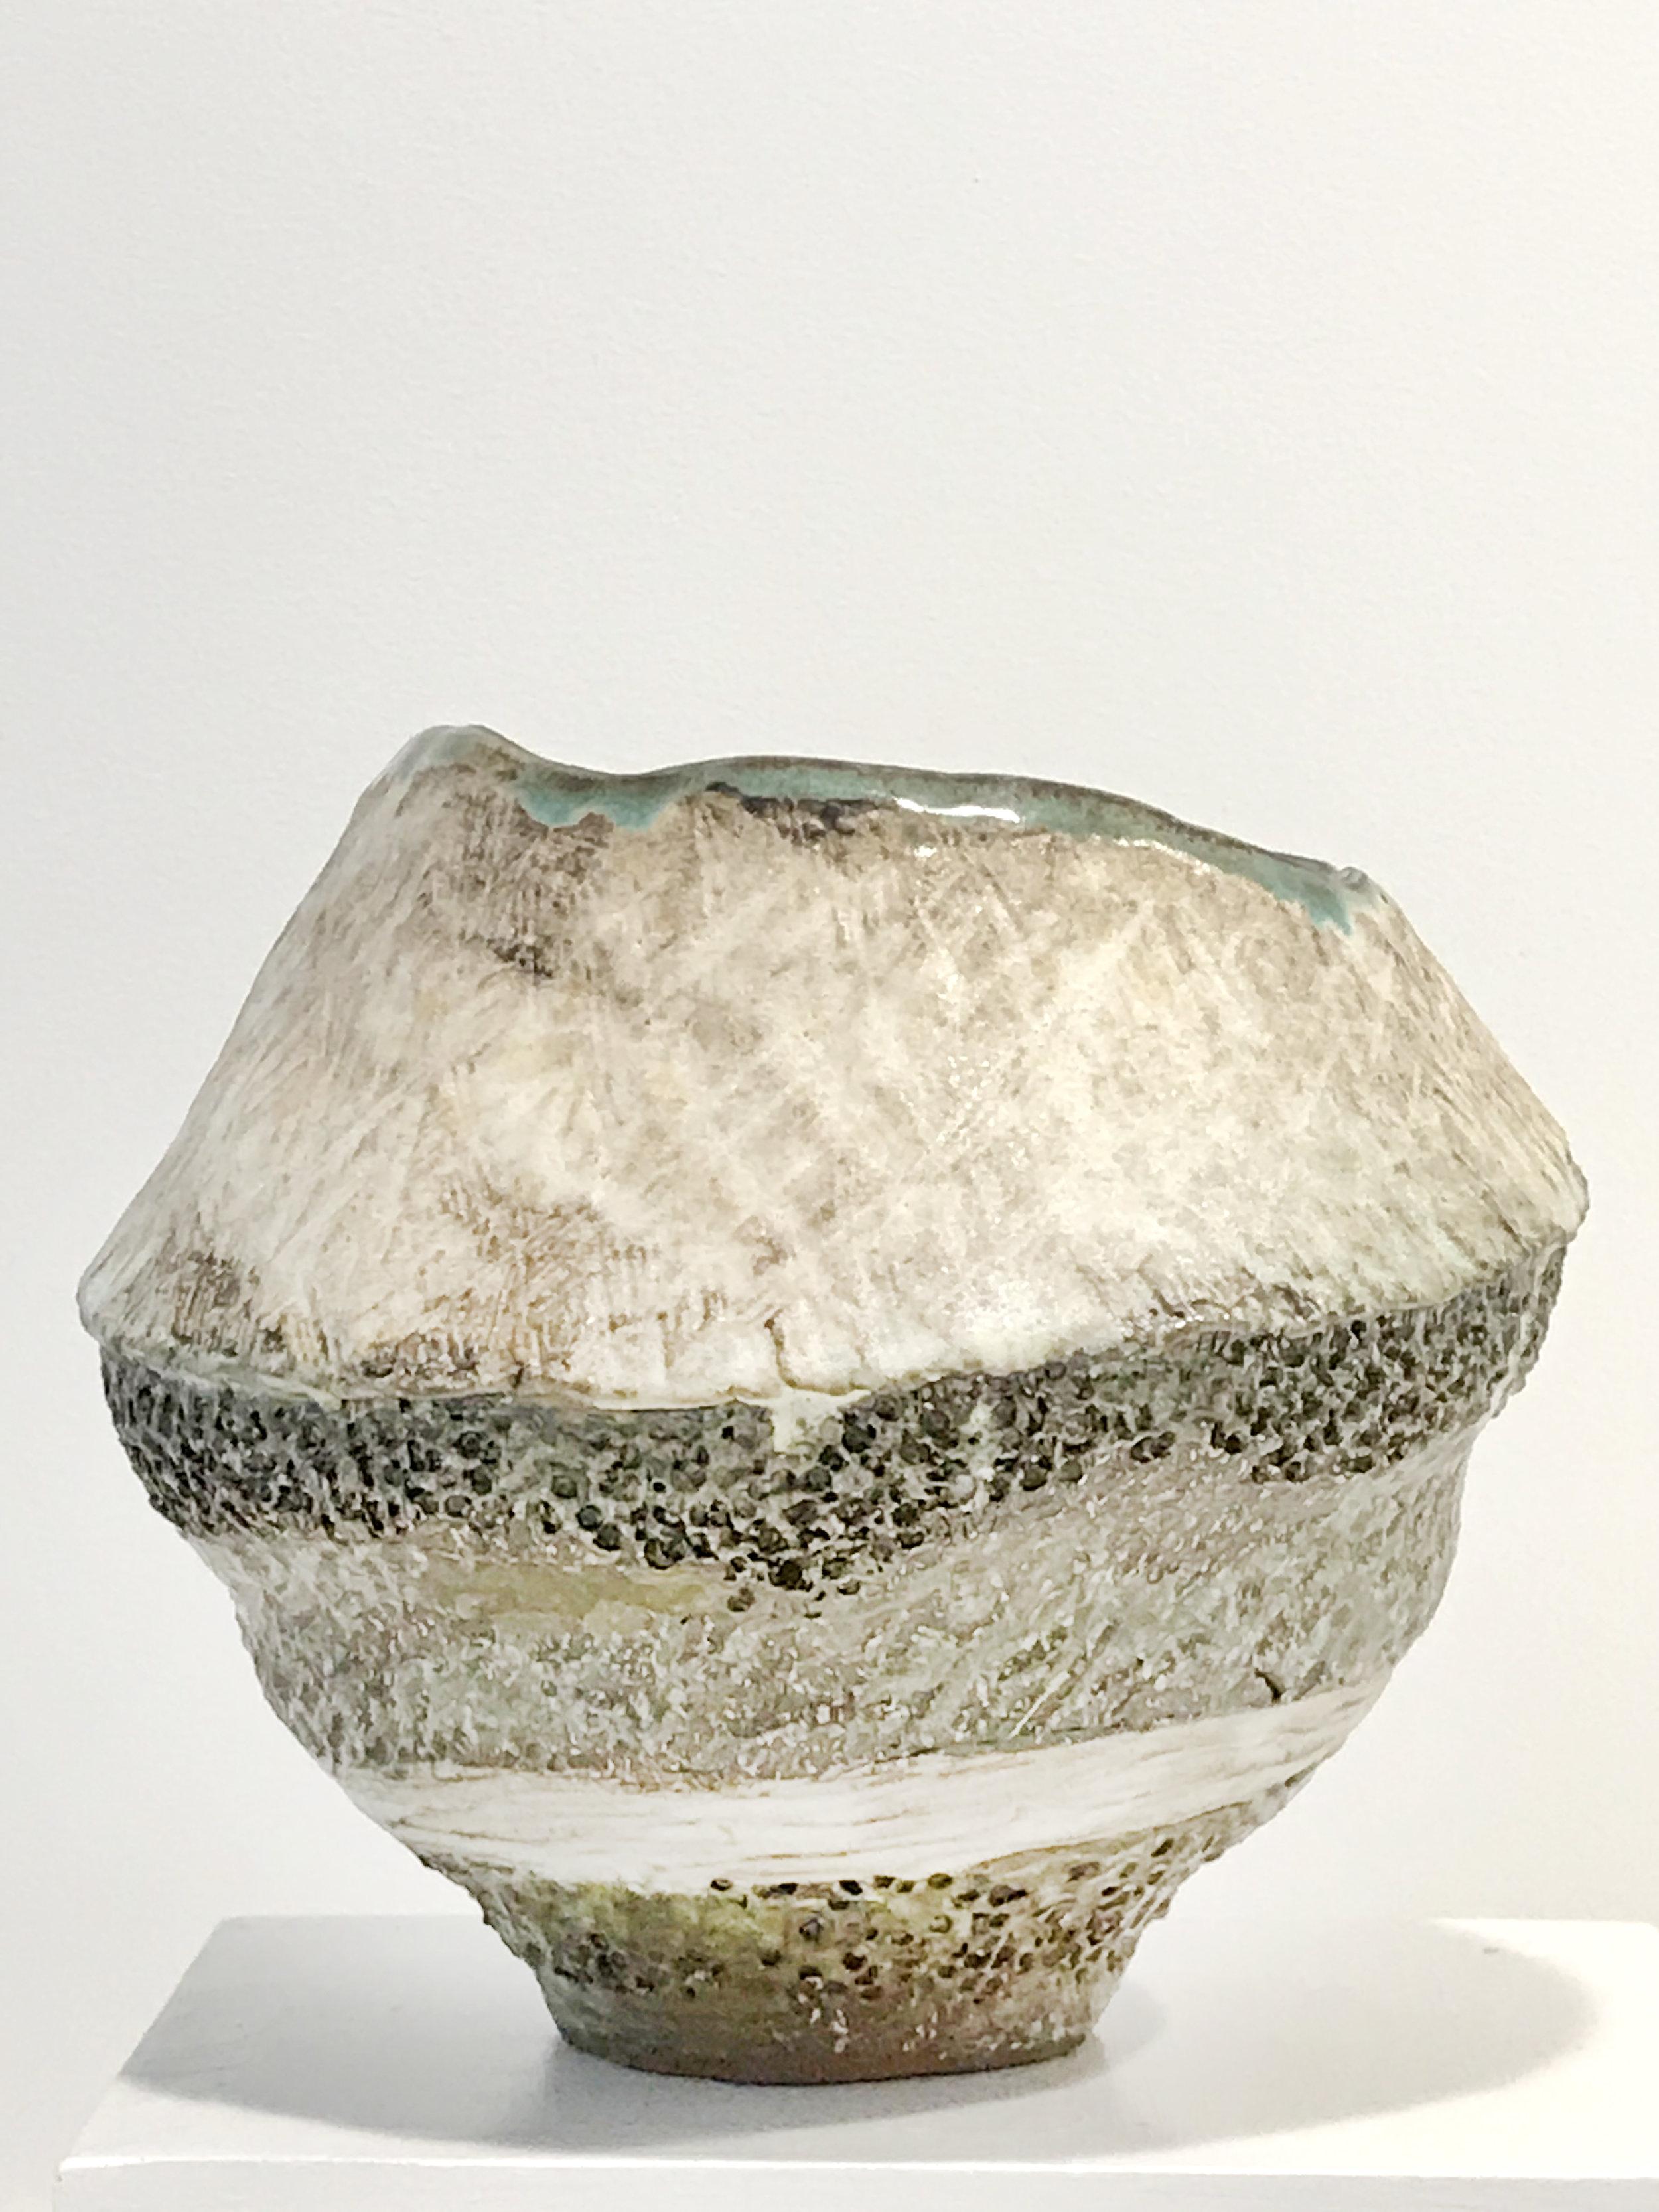 - Dena ZemskyVessel2018Glazed stoneware6 x 6 1/2 x 7 inches